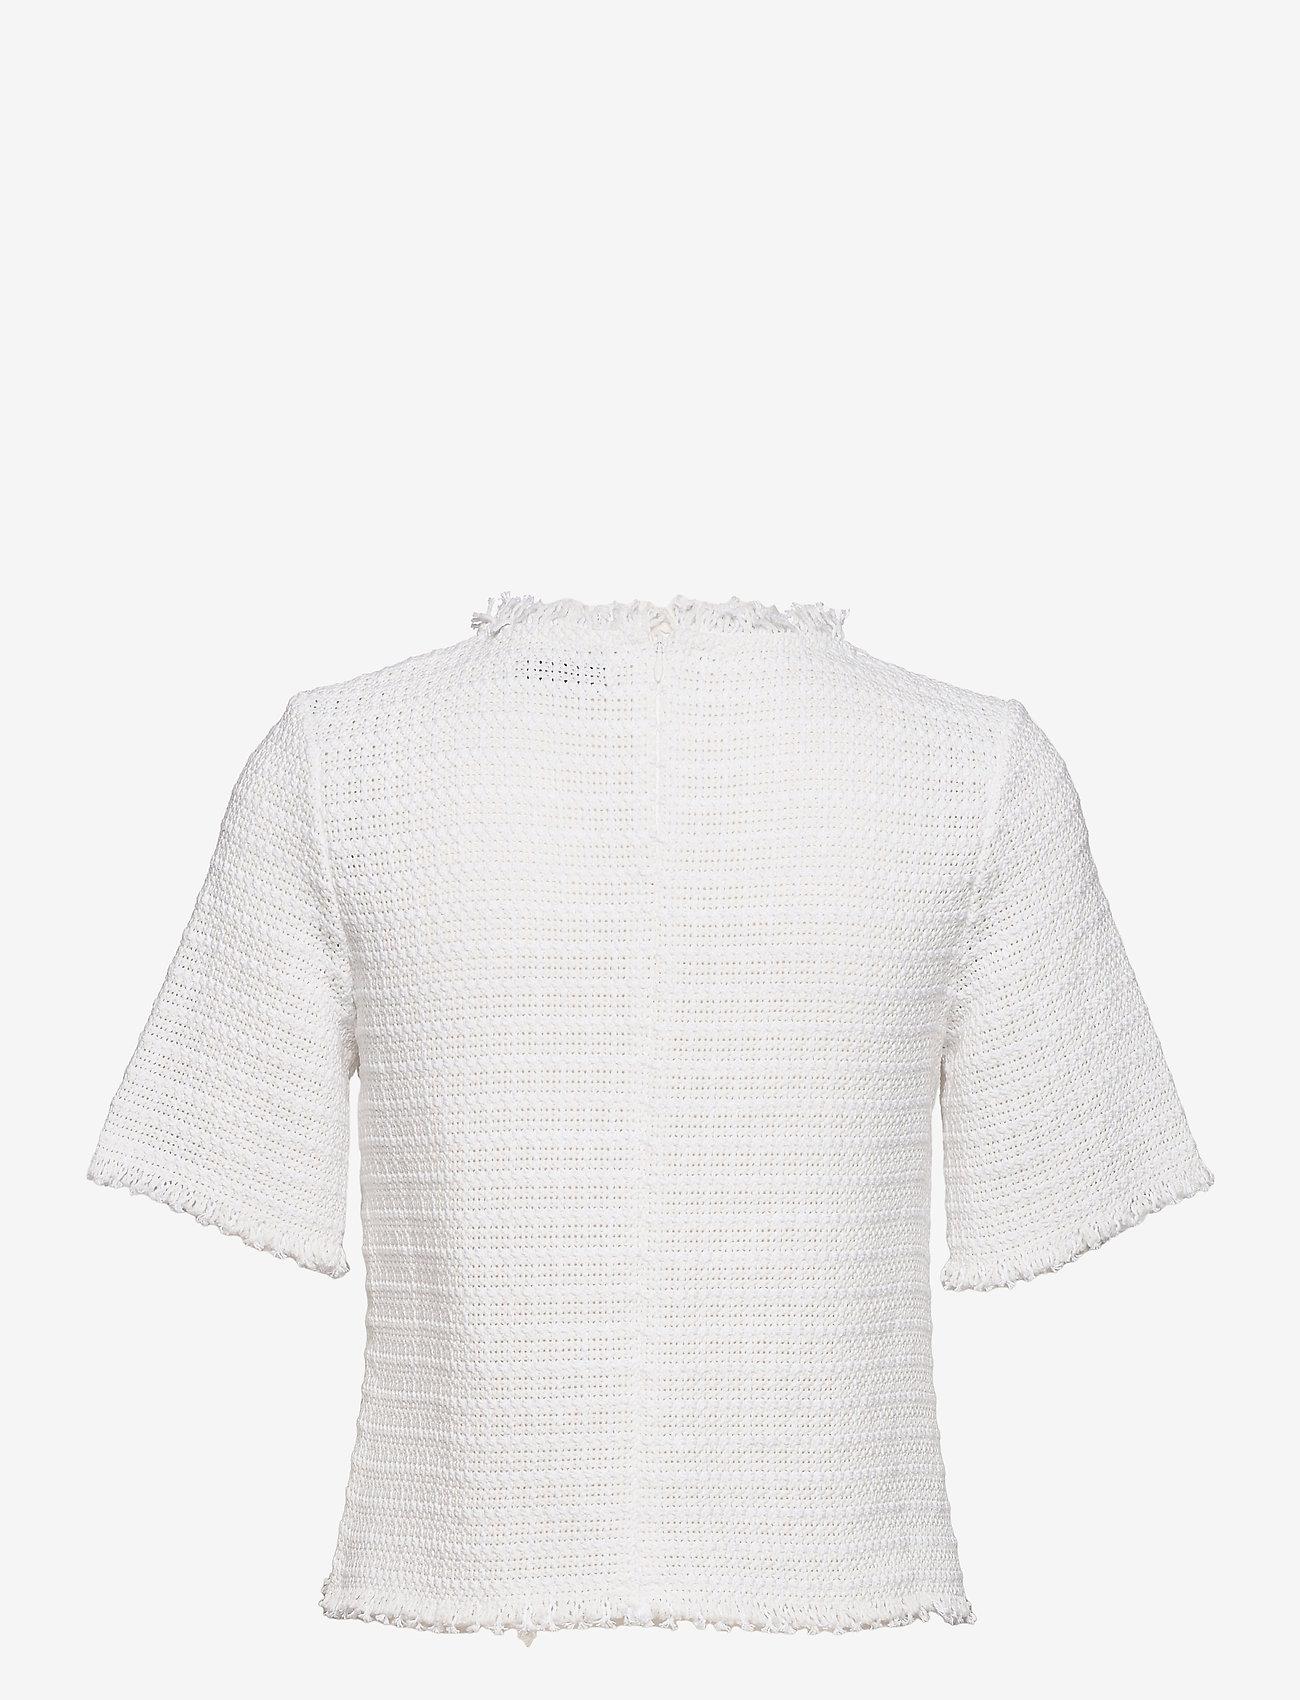 RODEBJER - RODEBJER YURDANA - kortærmede bluser - white - 1